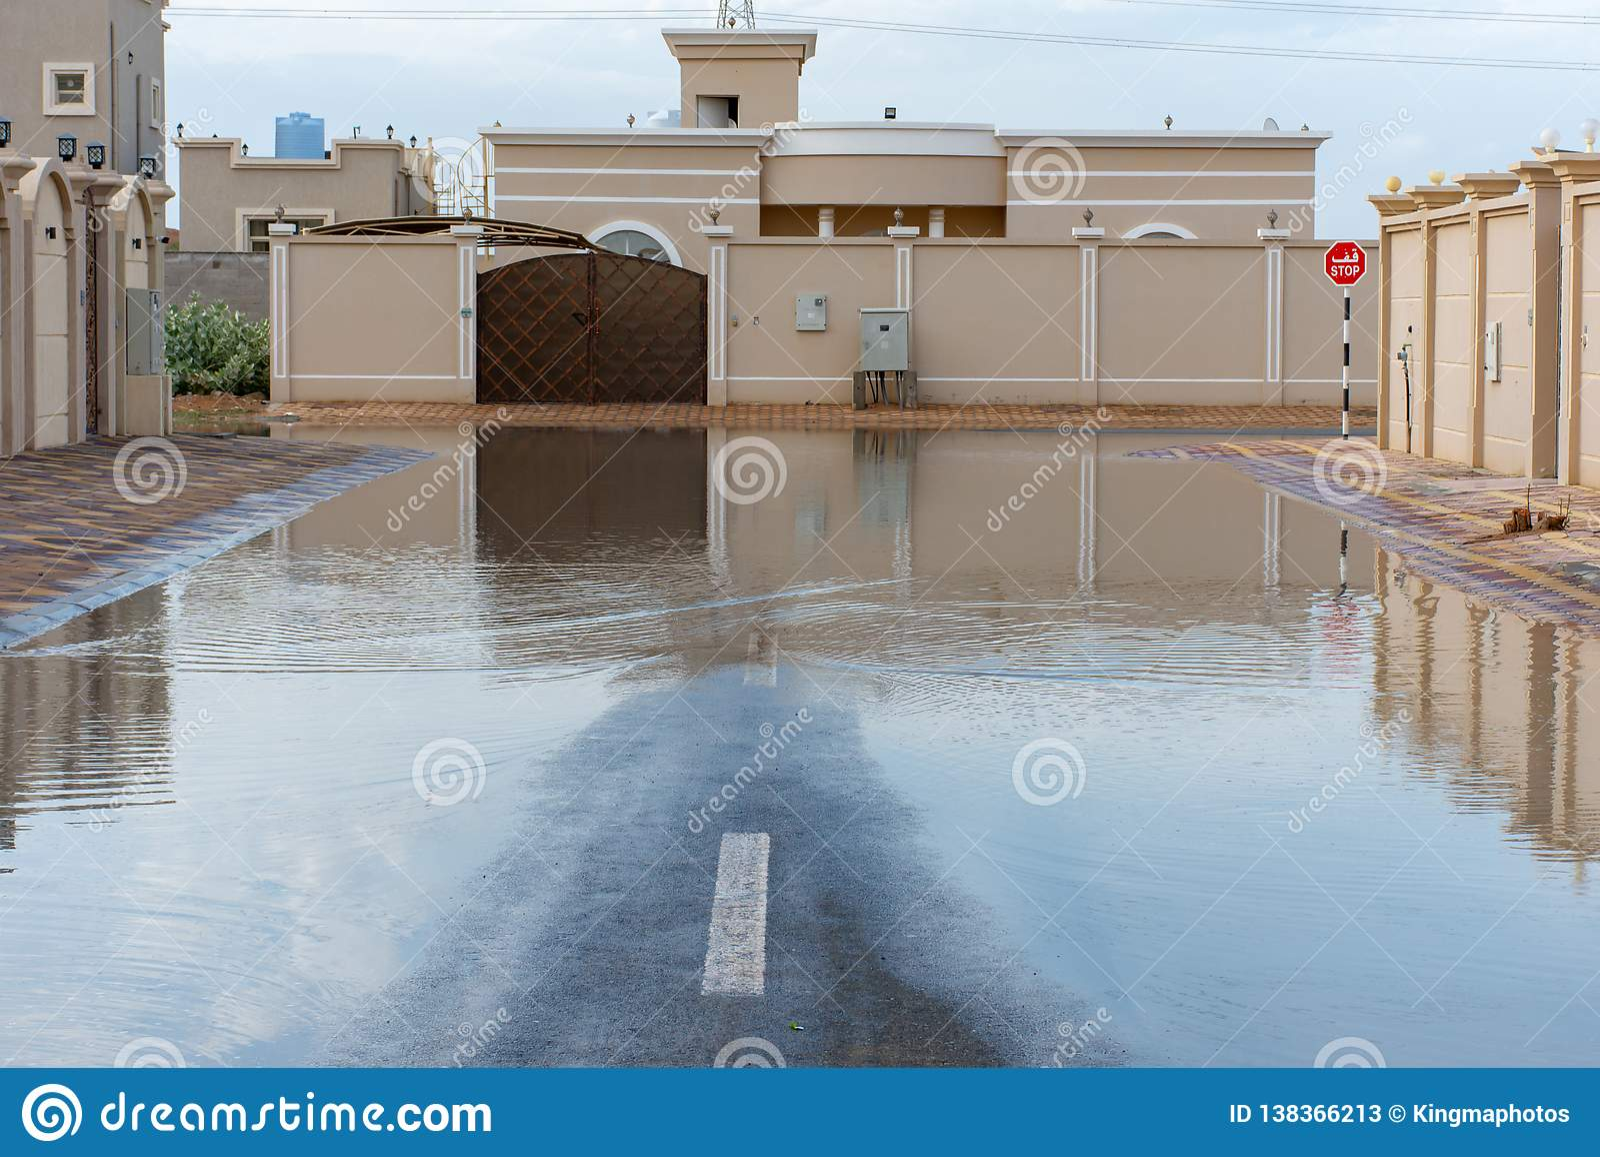 Οδοί που πλημμυρίζουν στα Ηνωμένα Αραβικά Εμιράτα μετά από μια καταιγίδα